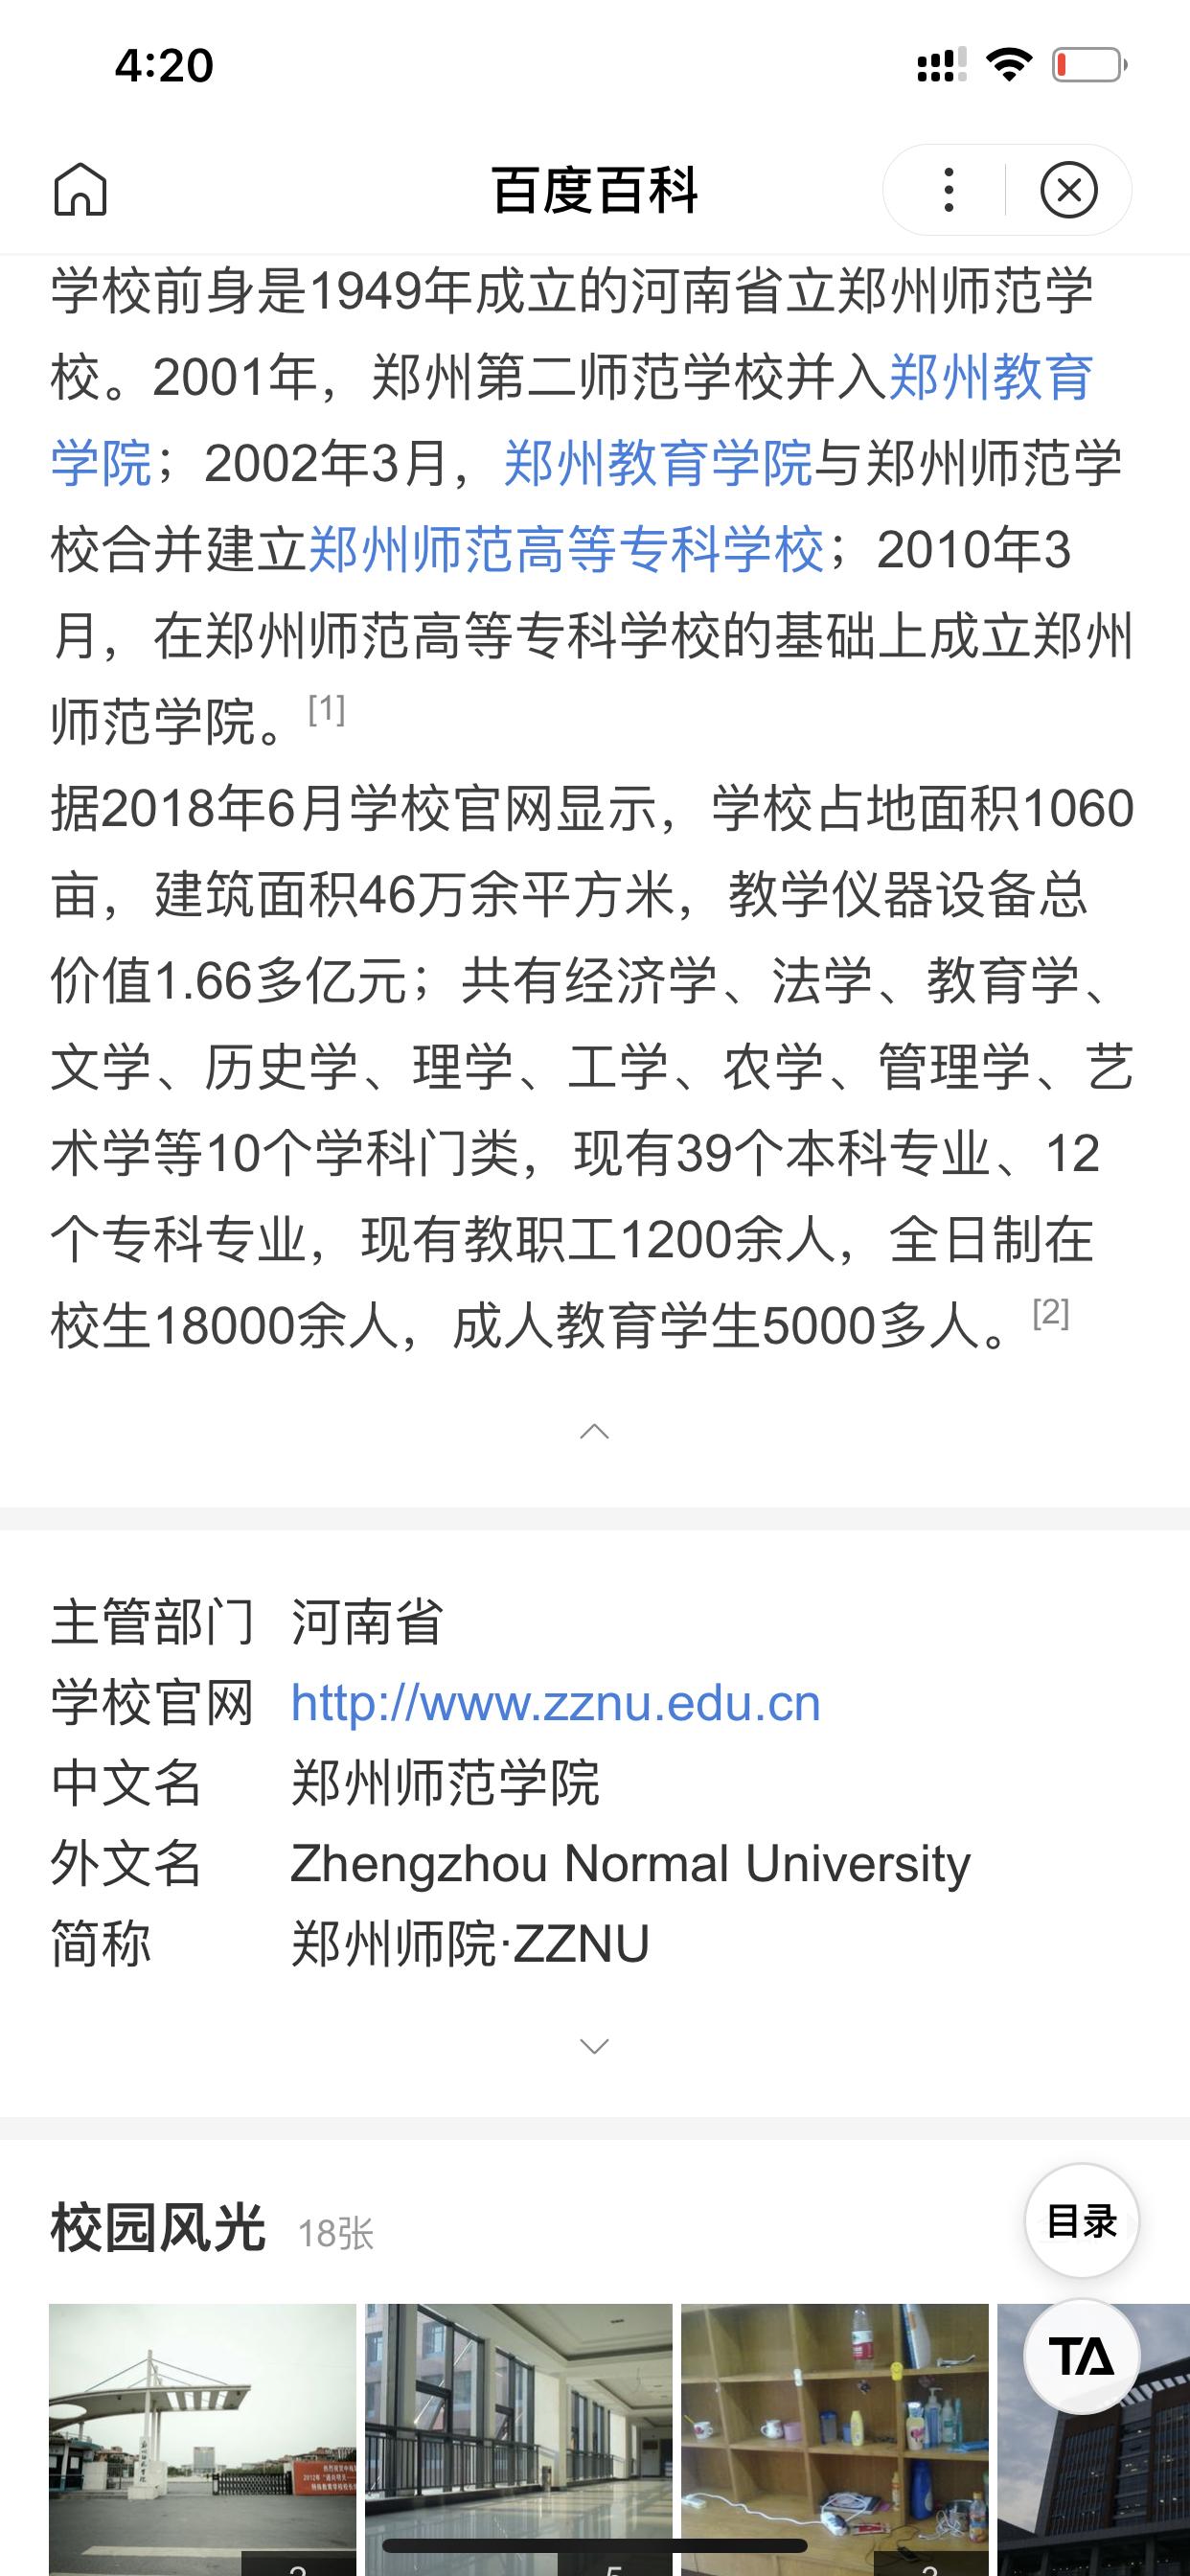 郑州师范学院现有教职工1200余人,全日制在校生18000余人